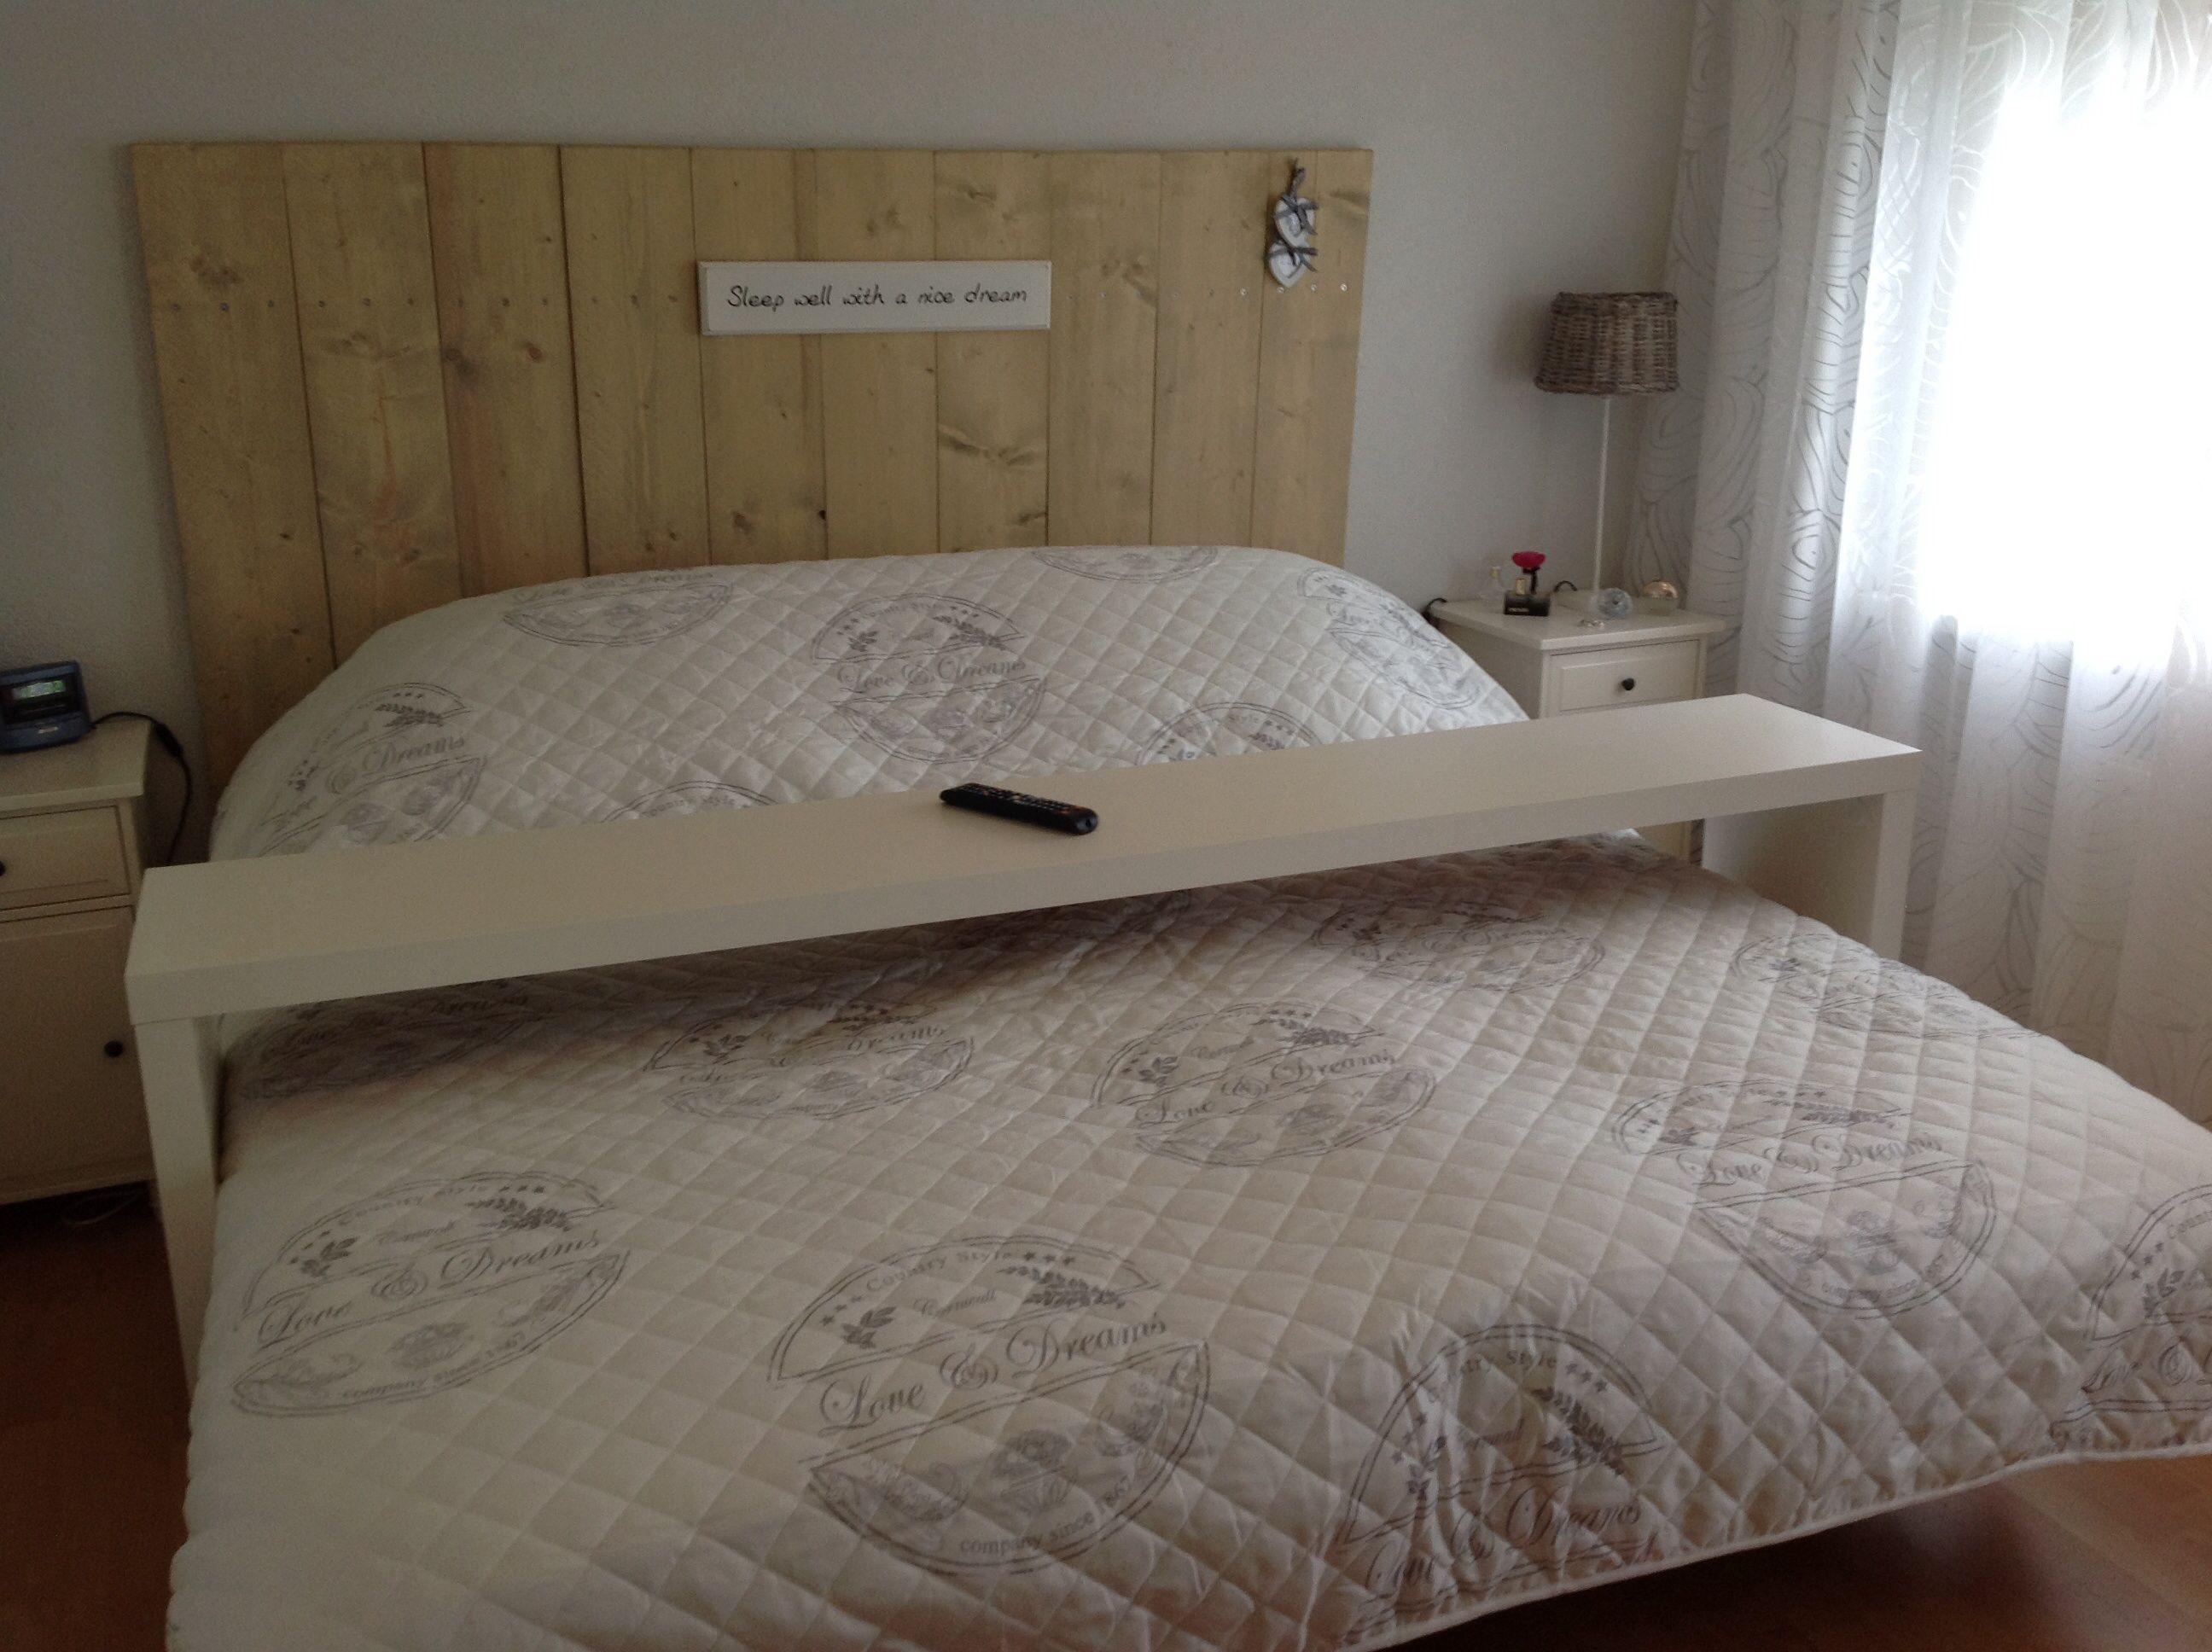 Achterwand bed slaapkamer google zoeken slaapkamer for Slaapkamer bed